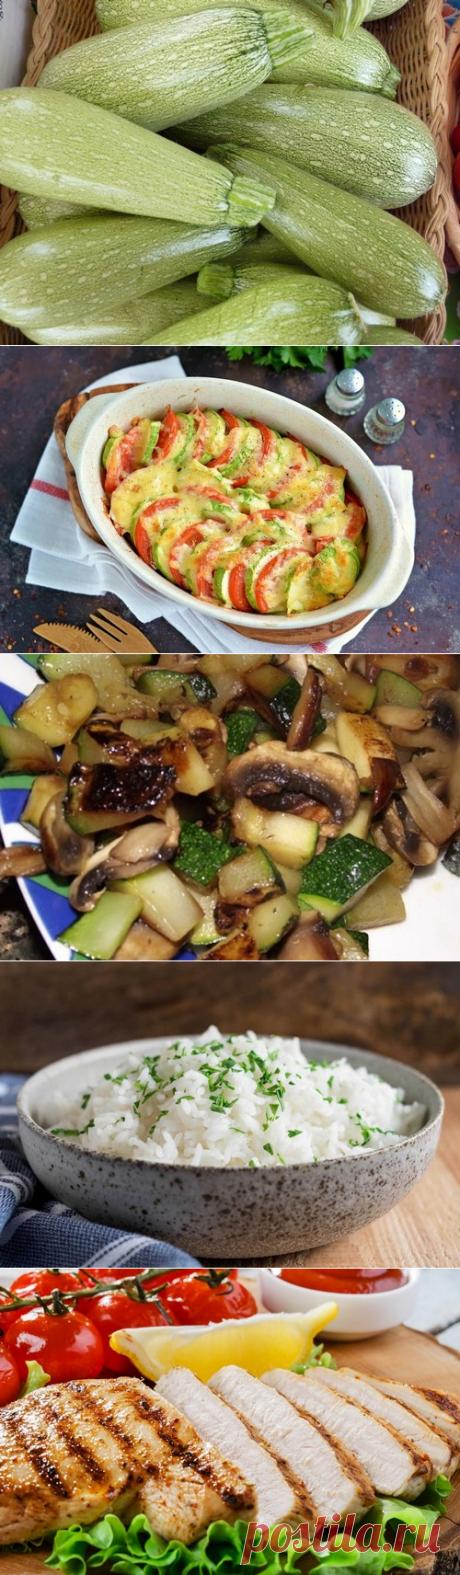 7 способов вкусно приготовить свежий кабачок